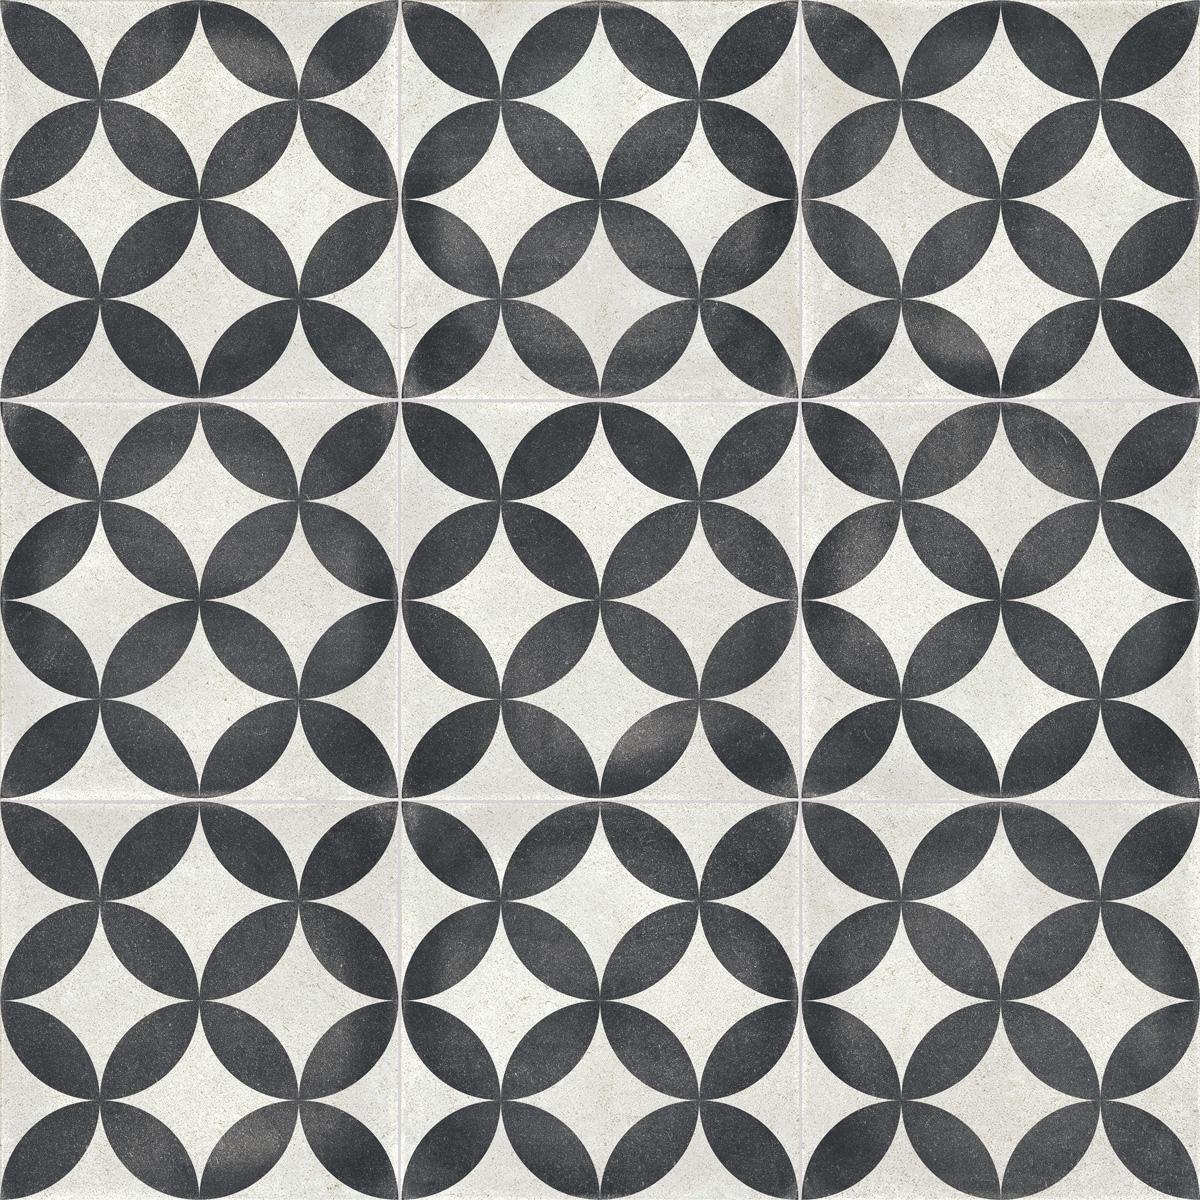 płytki dekoracyjne w stylu patchwork podłogowe Bondi Connect Natural aparici